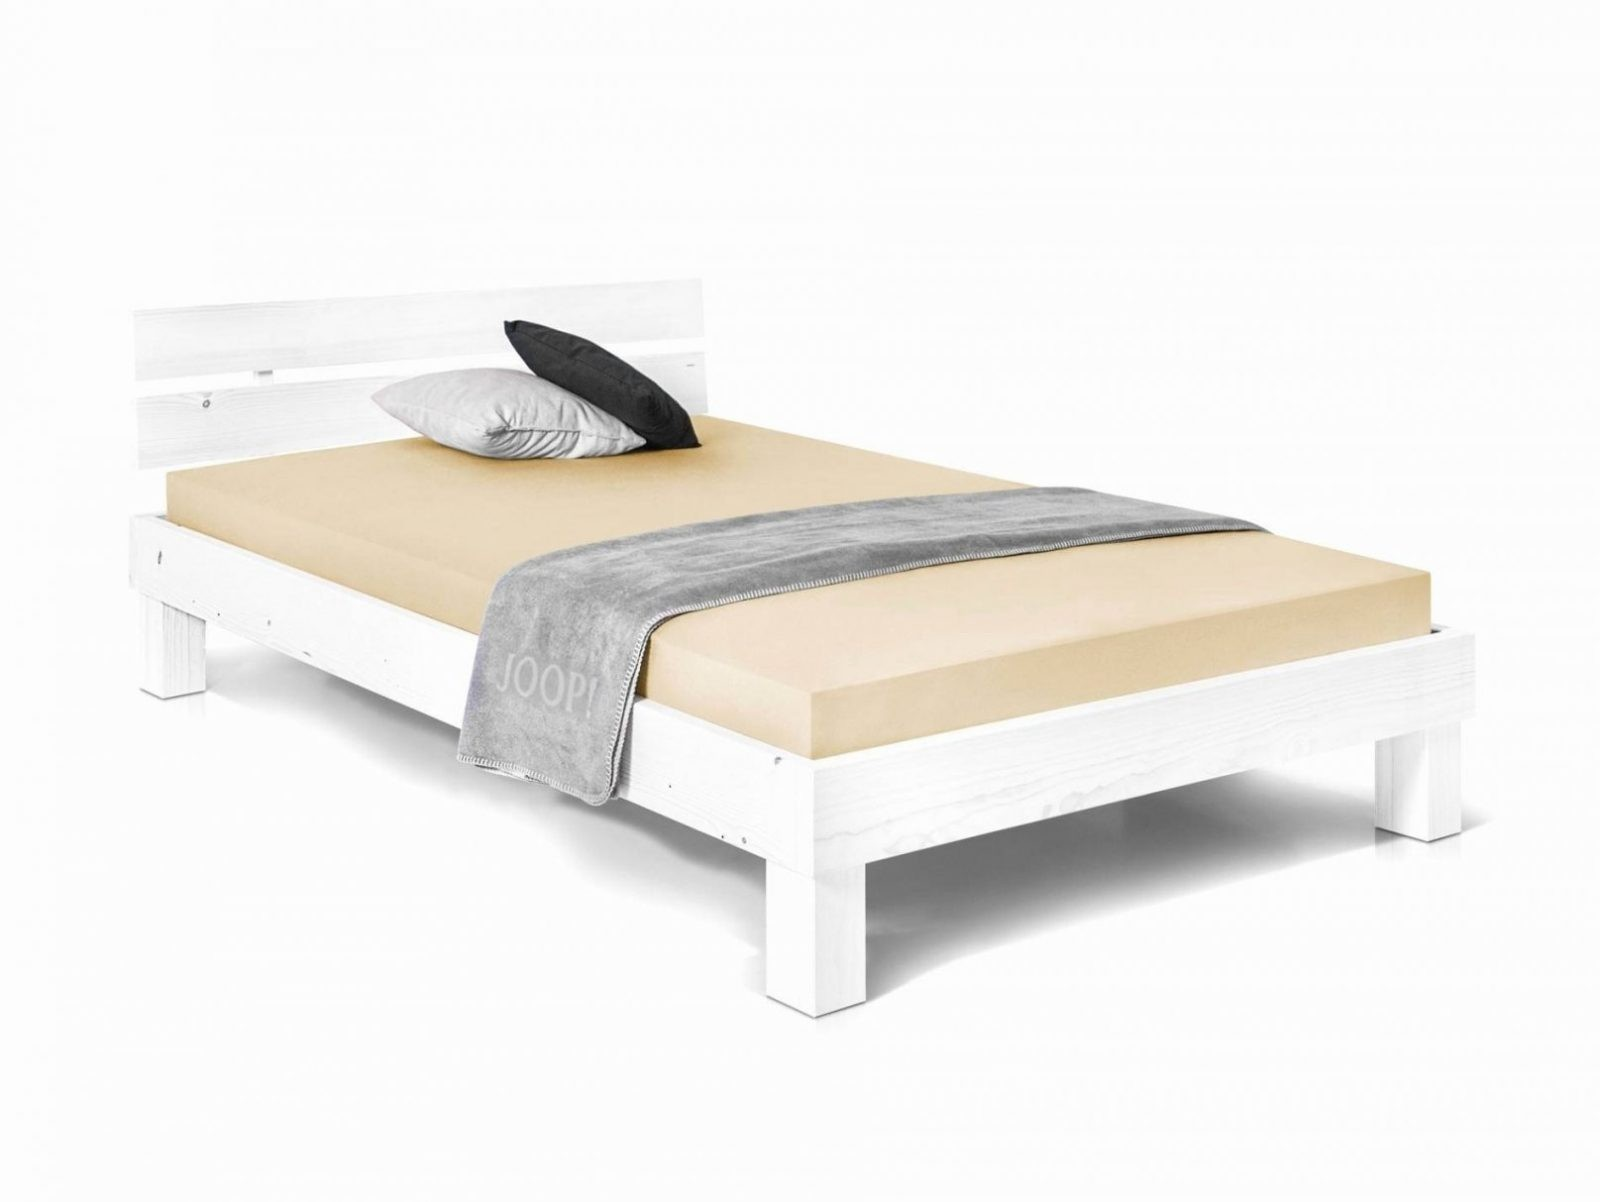 Bett Inkl Matratze Und Lattenrost Frisch Bett 140×200 Mit von Bett 140X200 Inkl Lattenrost Matratze Bild